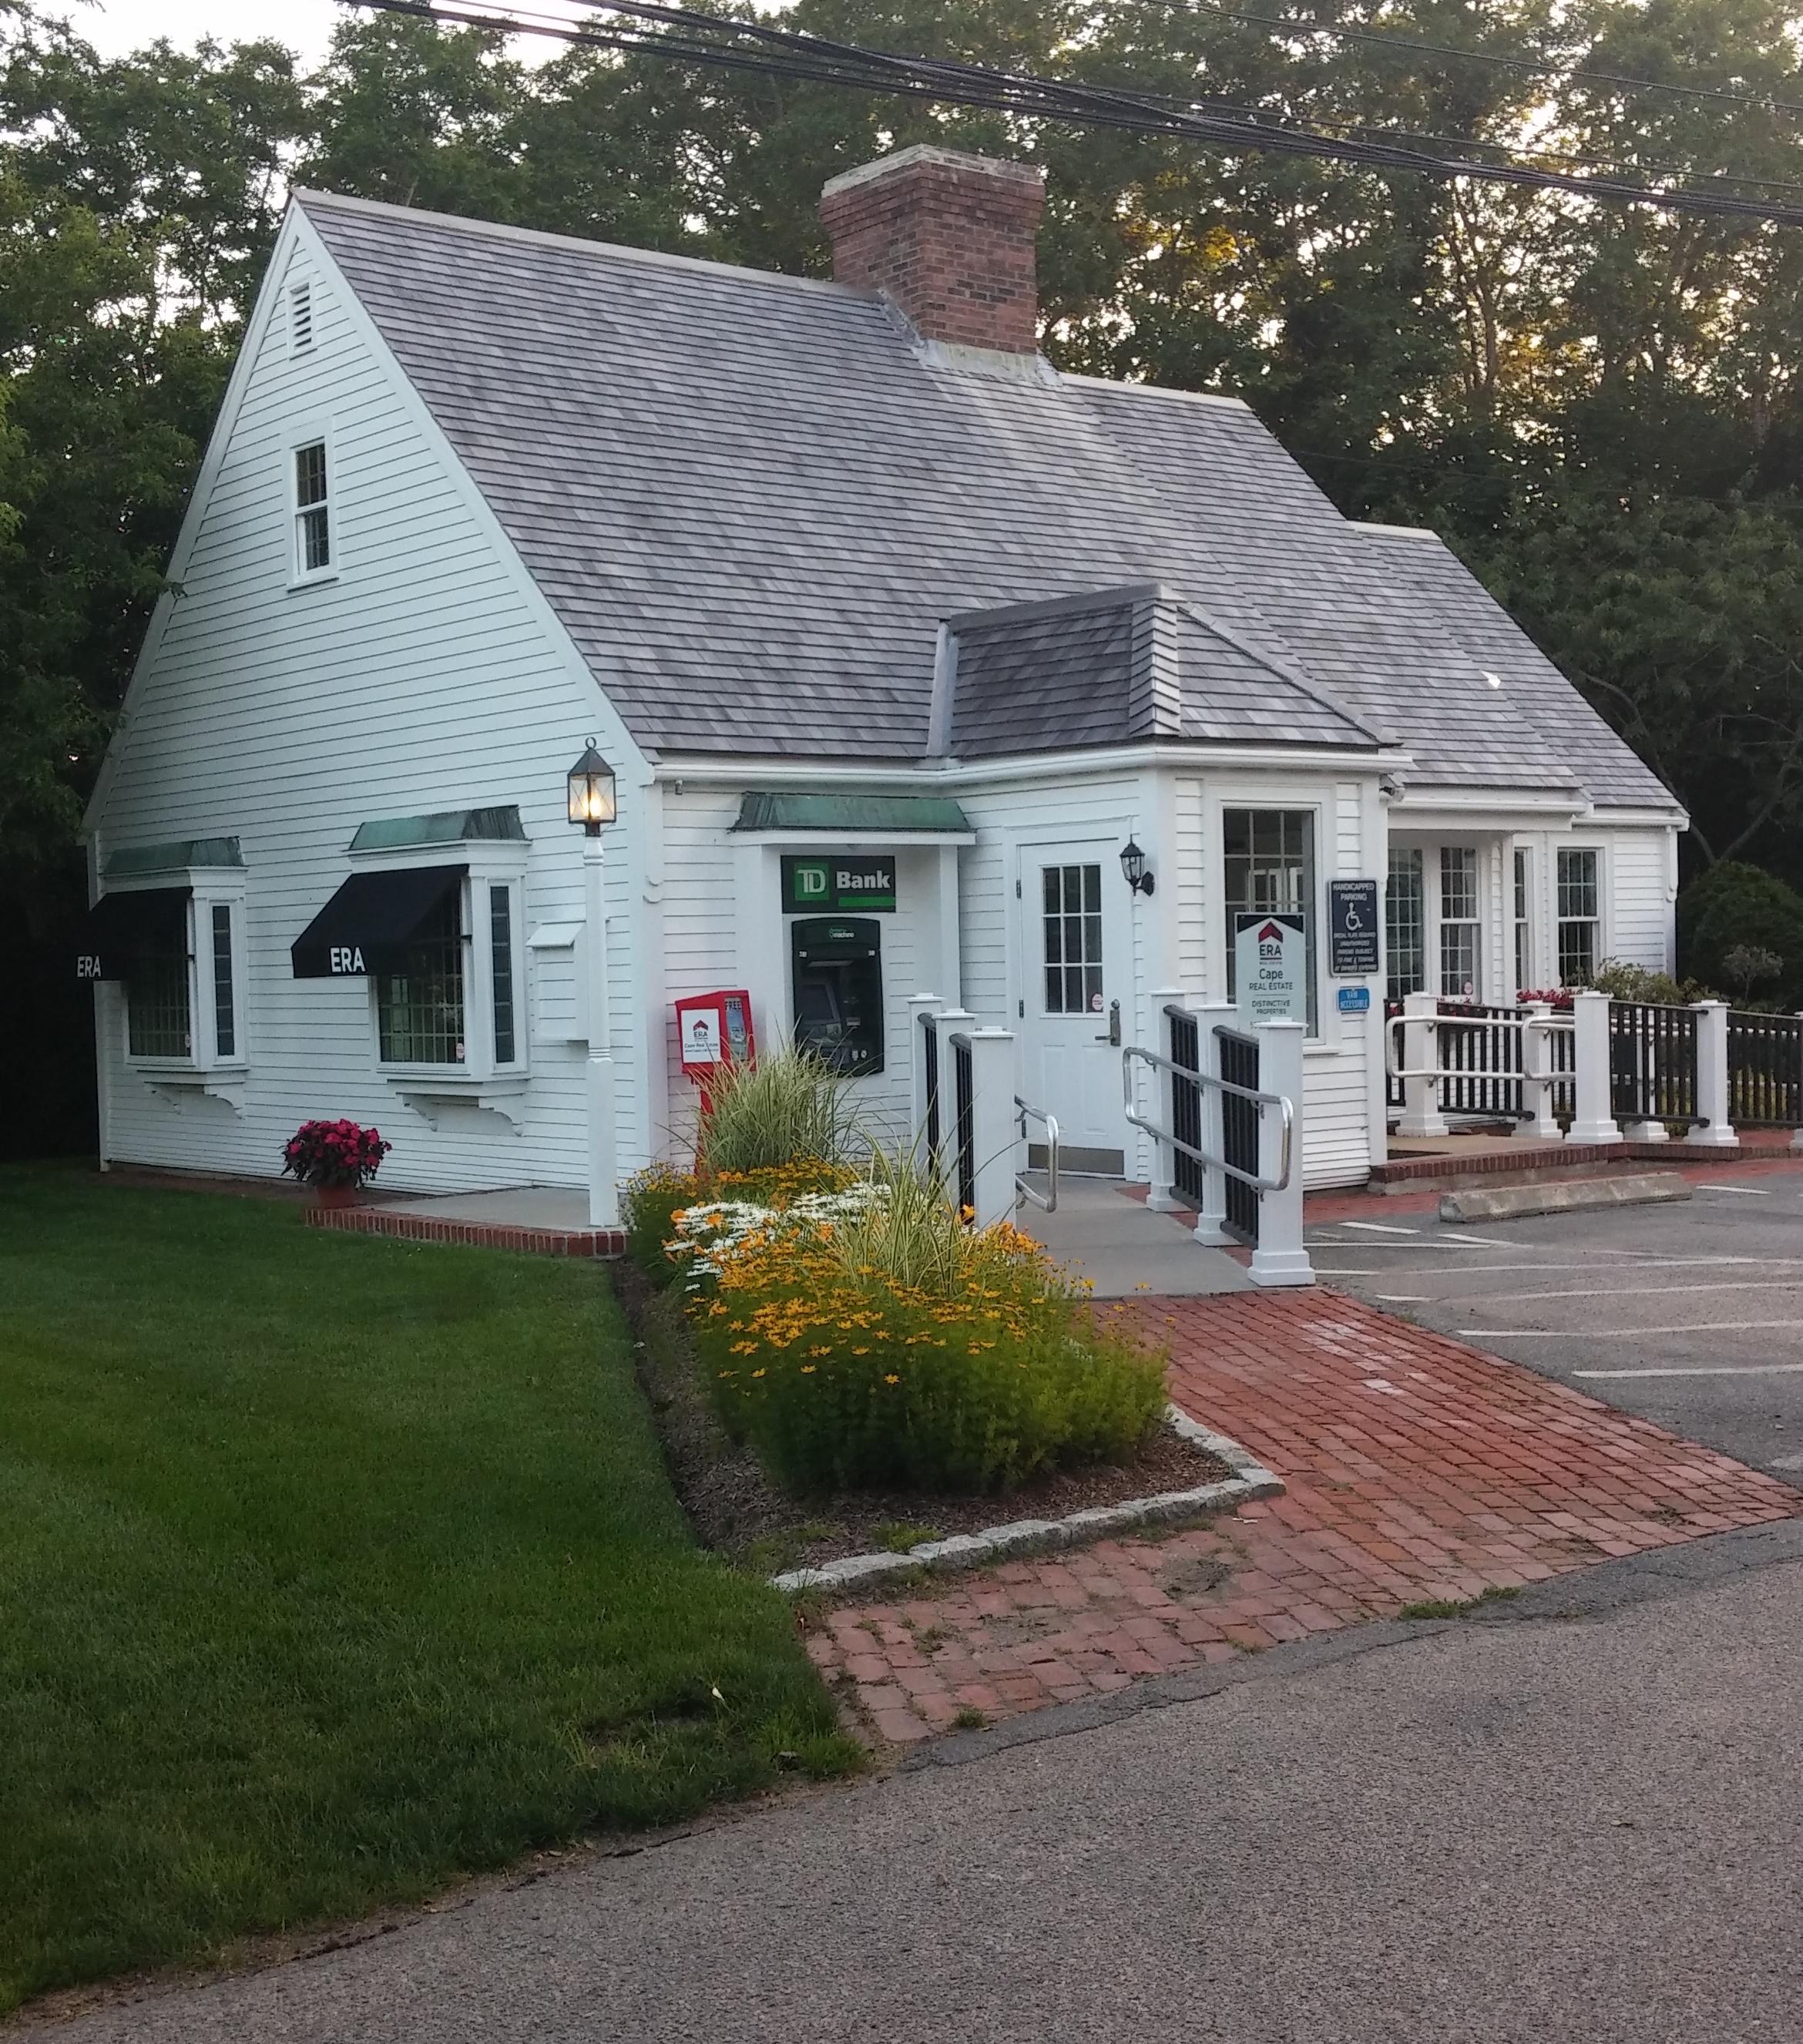 ERA Cape Cod Real Estate